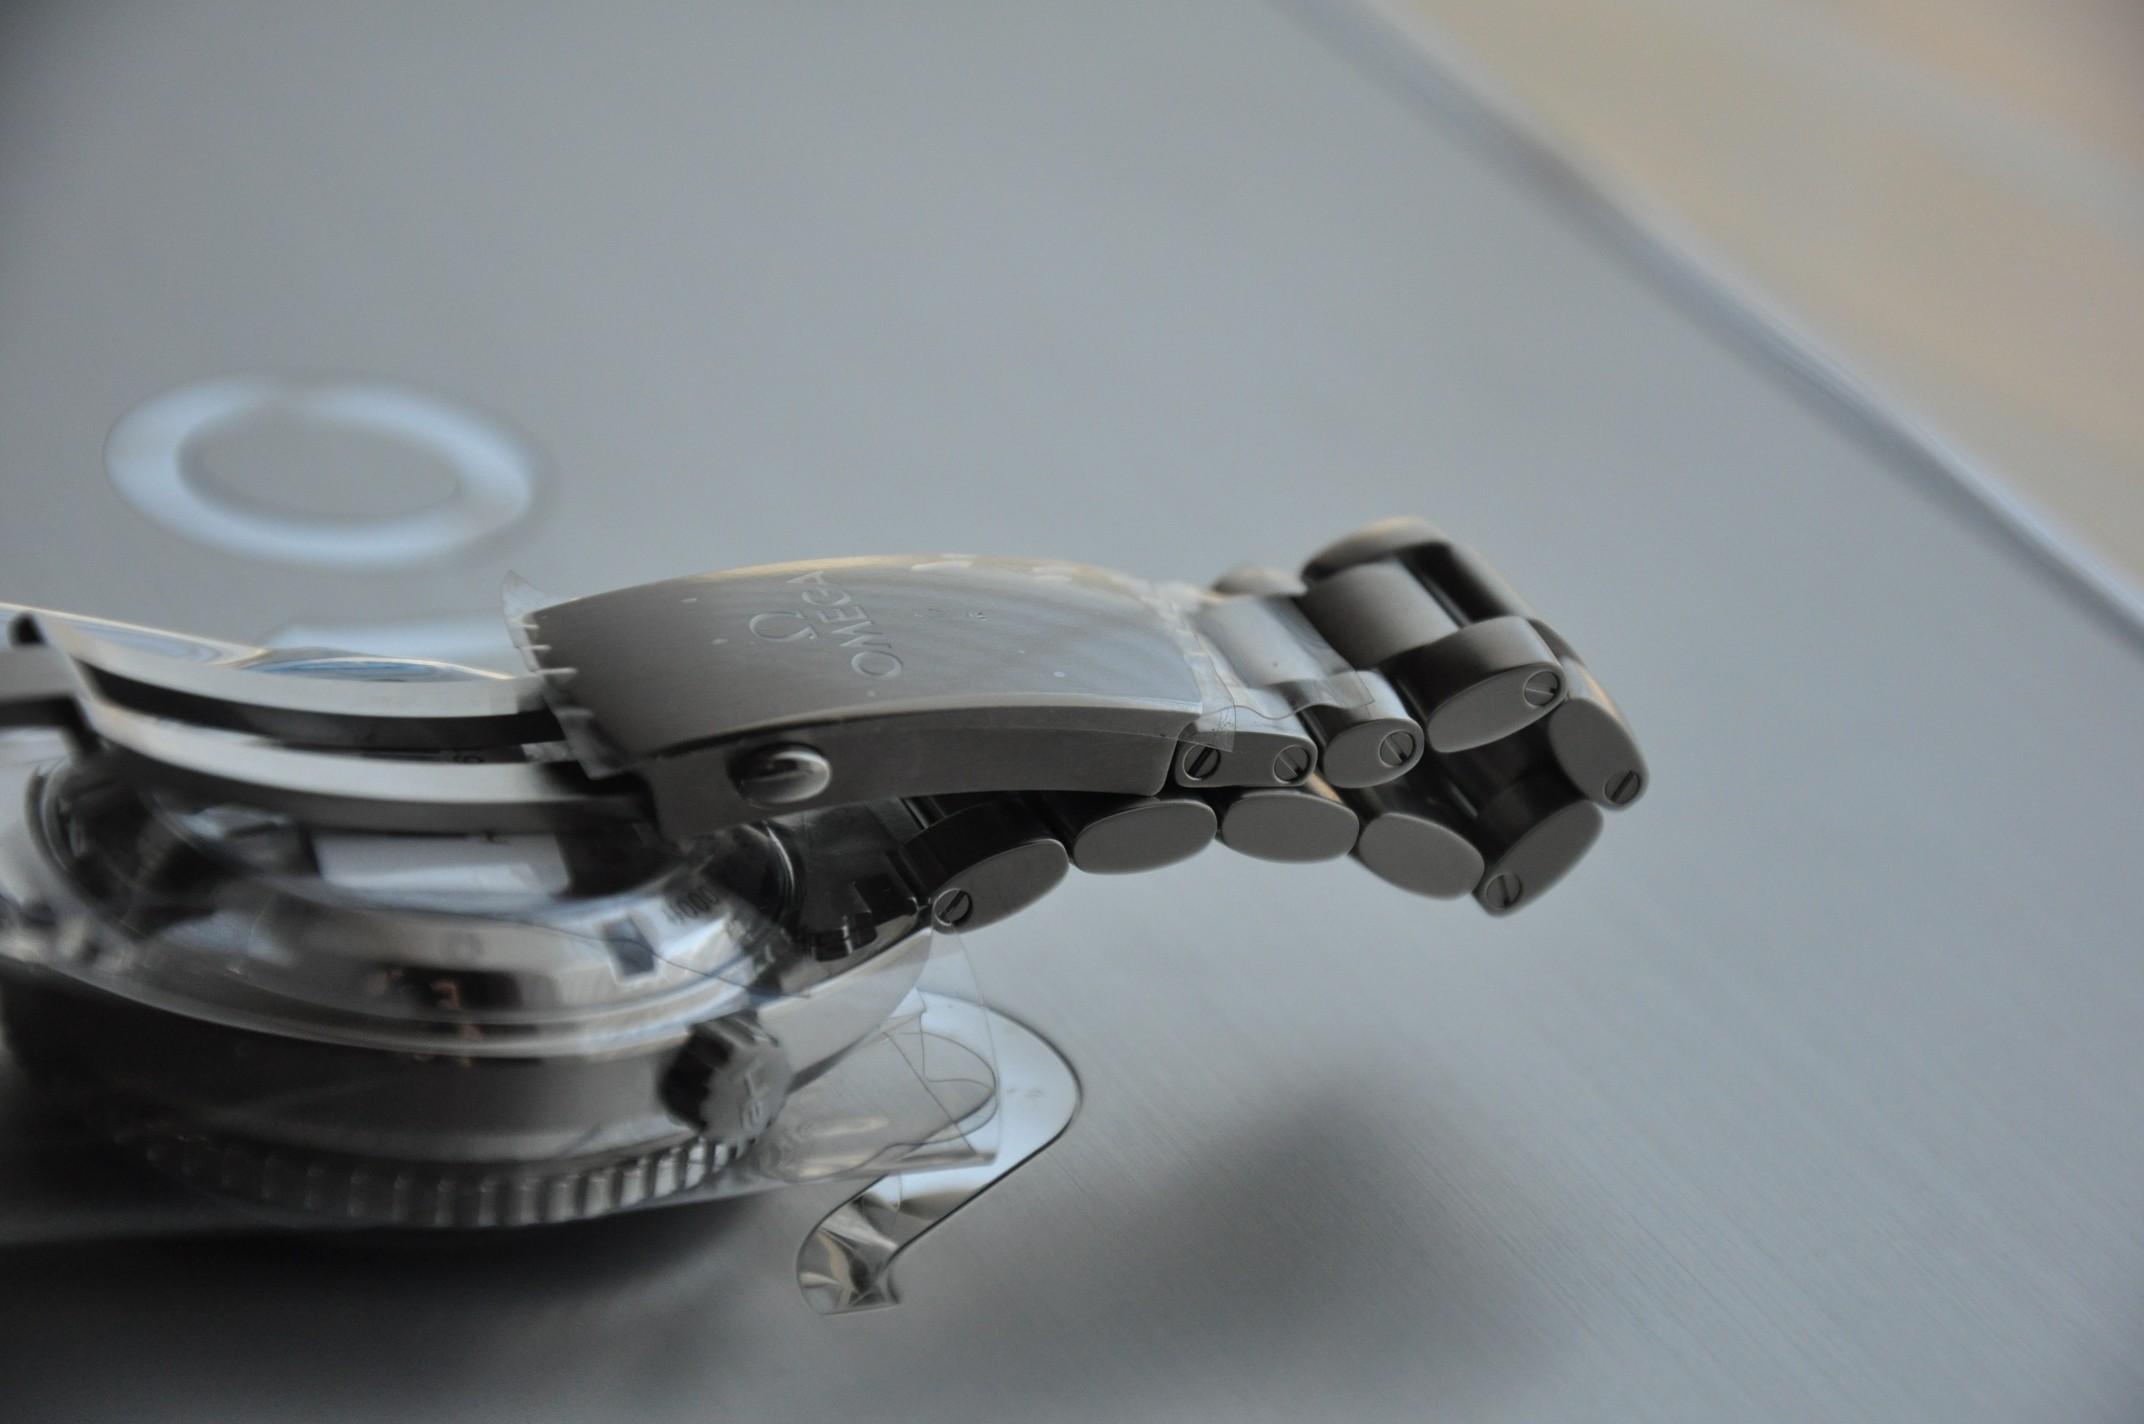 Quel est votre bracelet métal préféré (et pourquoi) ? 880600d1353351104-%2A%2A%2Asold%2A%2A%2A-%2Abrand-new-box%2A-8500-omega-planet-ocean-42mm-2-po8